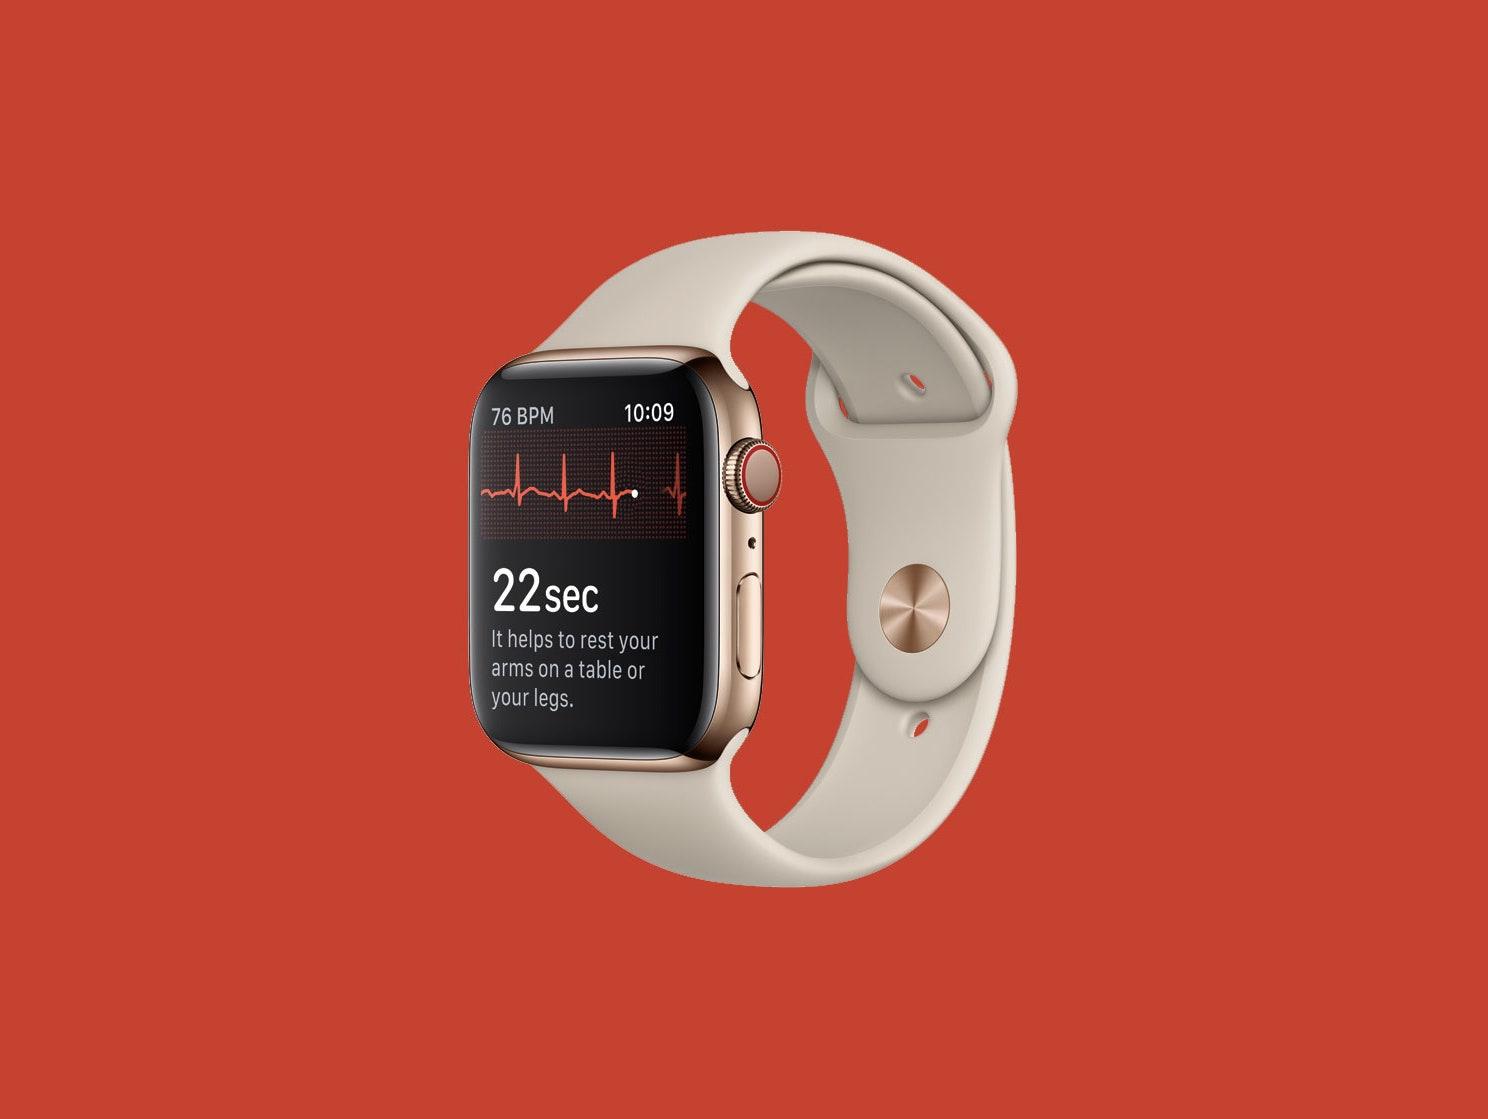 Источник: Apple Watch Series 7 смогут измерять уровень сахара в крови